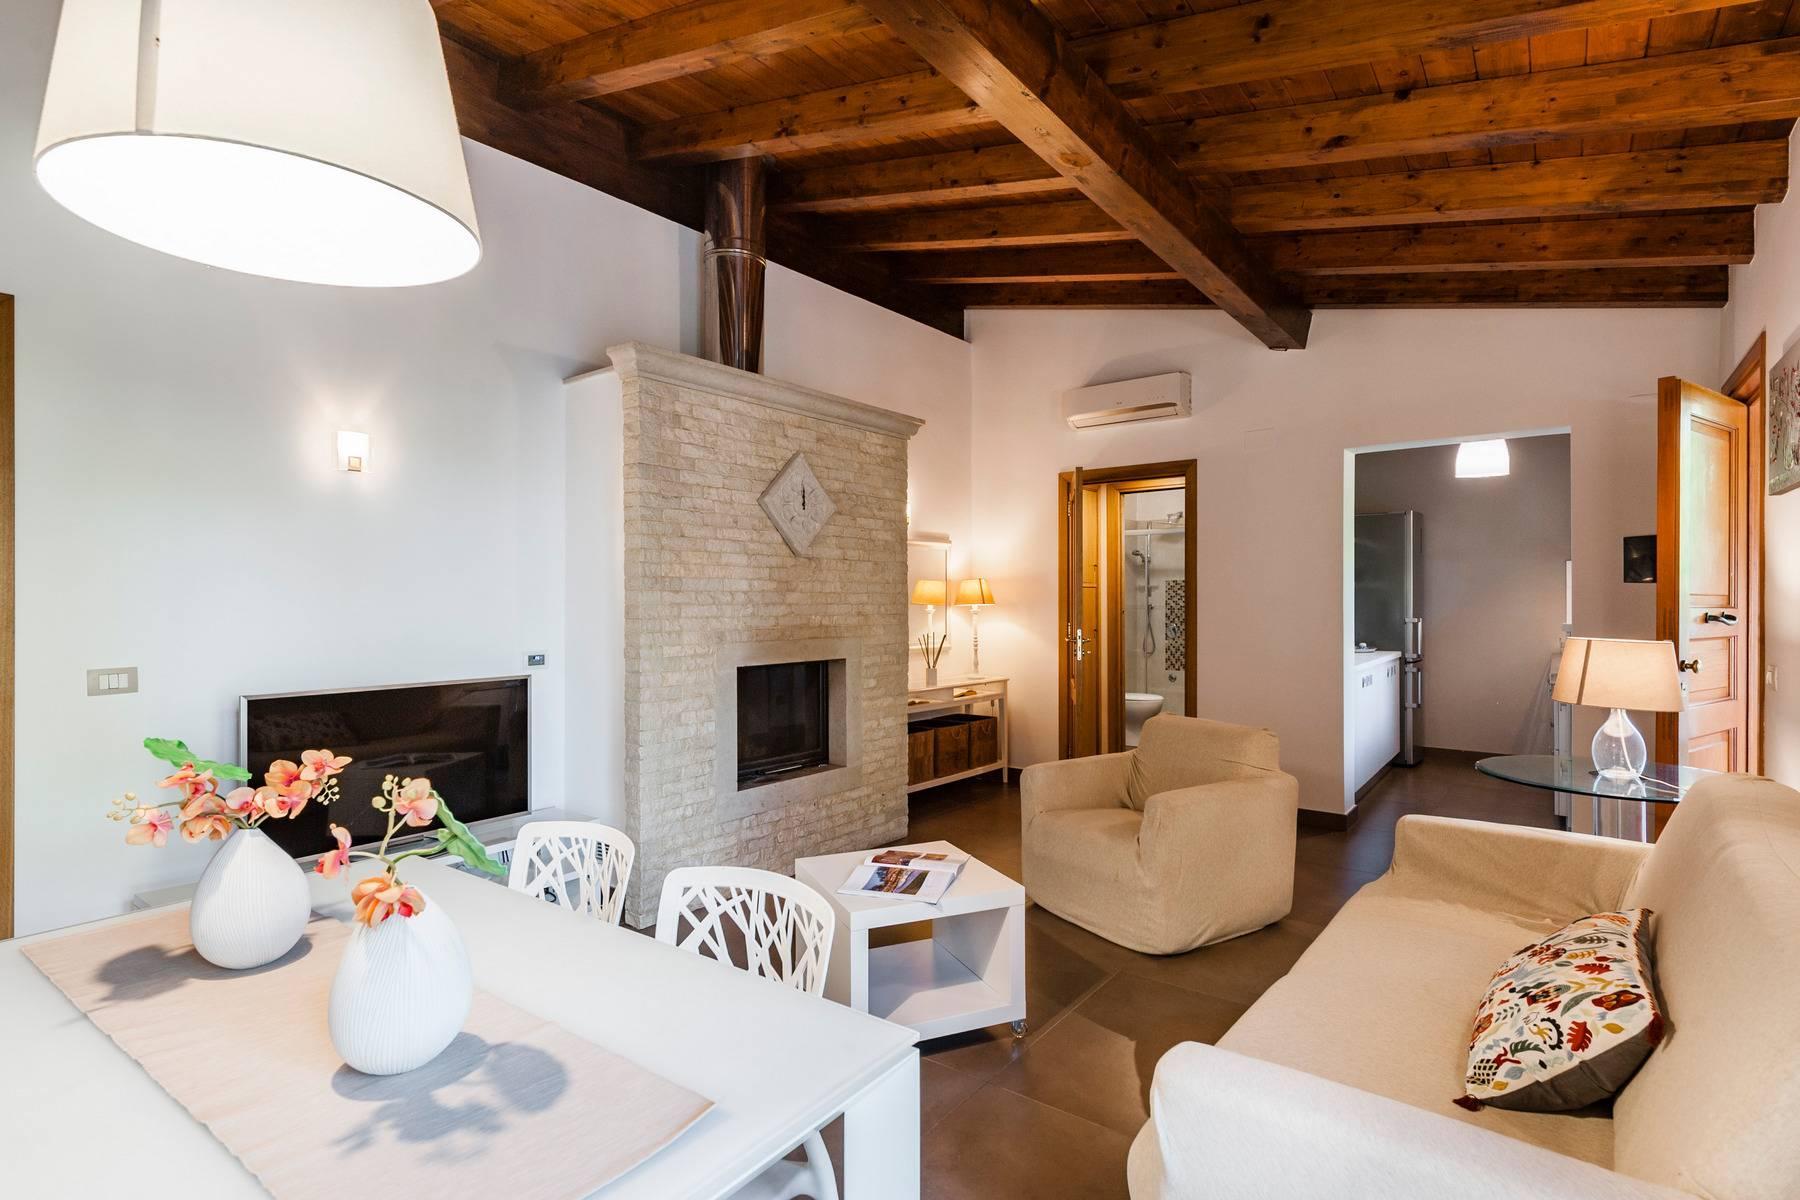 Exklusive Villa am Meer mit eigenem Zugang zum Strand - 7